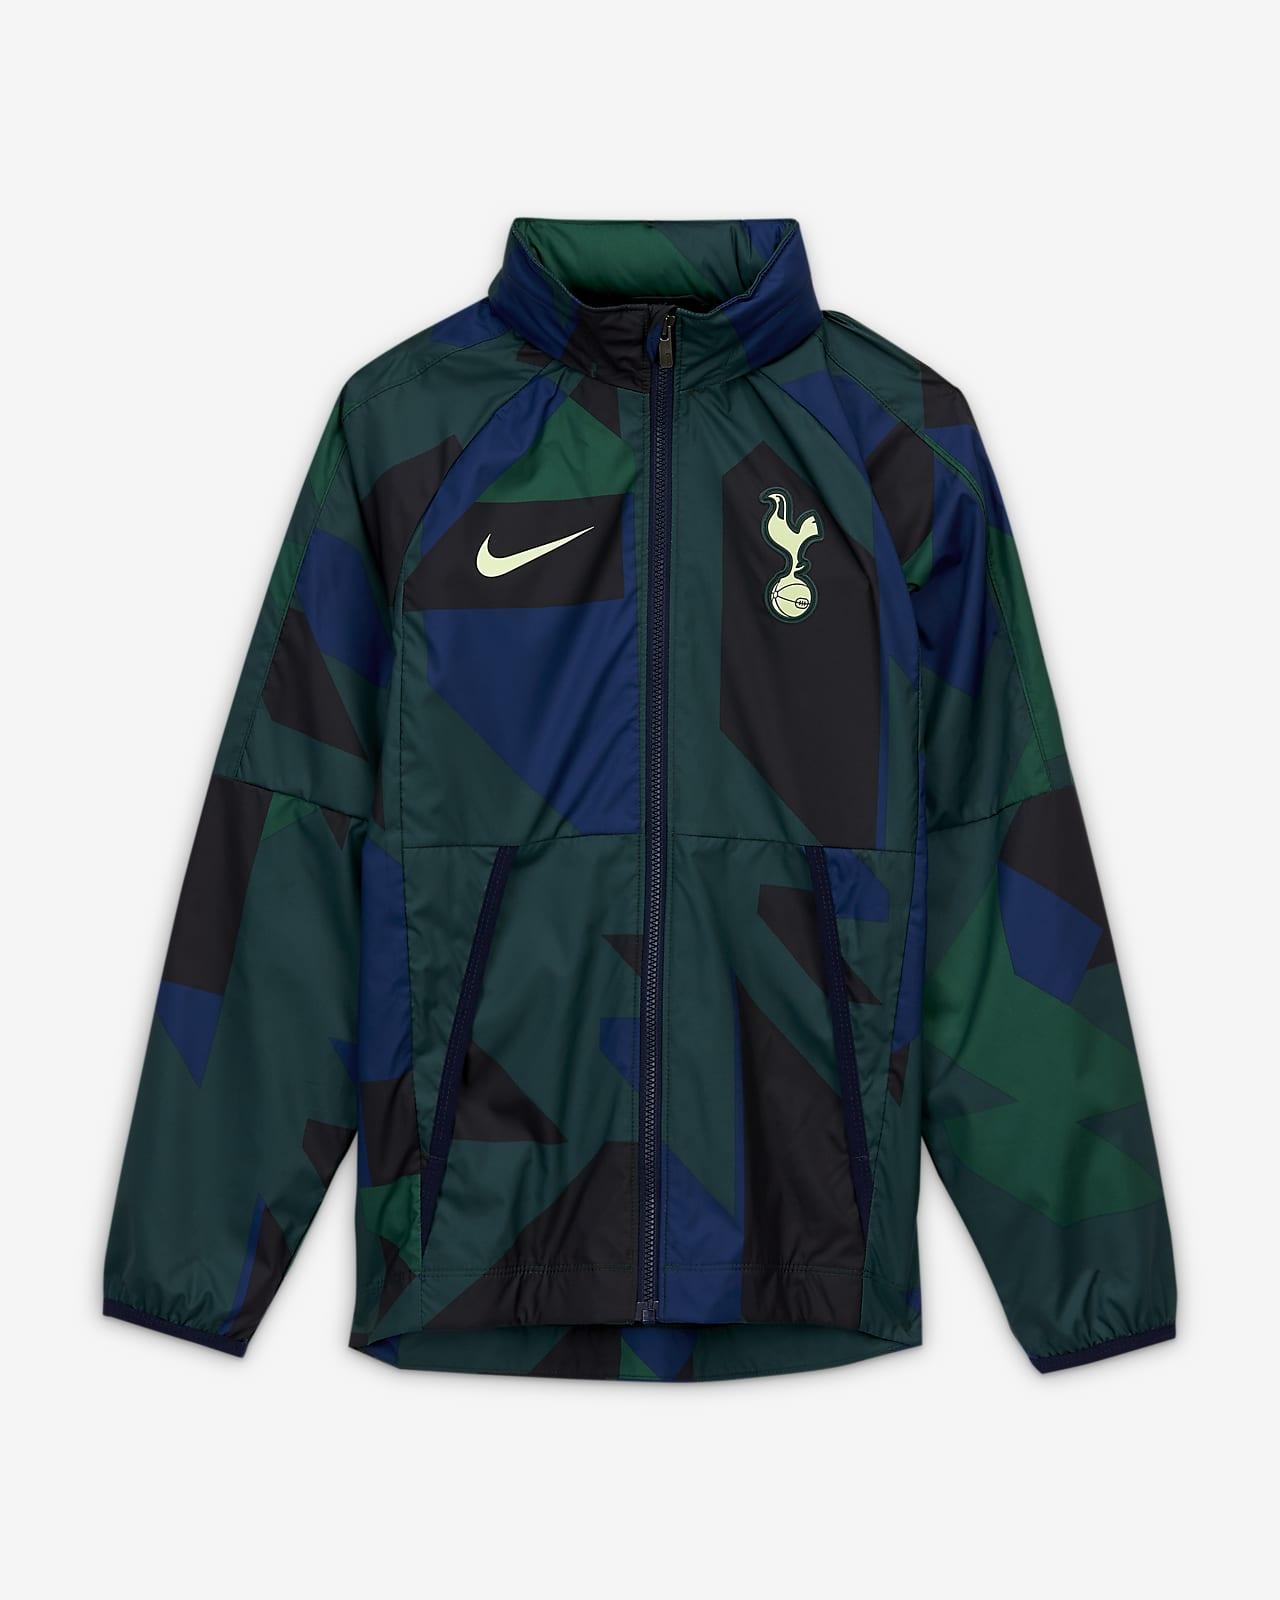 Fotbalová bunda Tottenham Hotspur pro větší děti